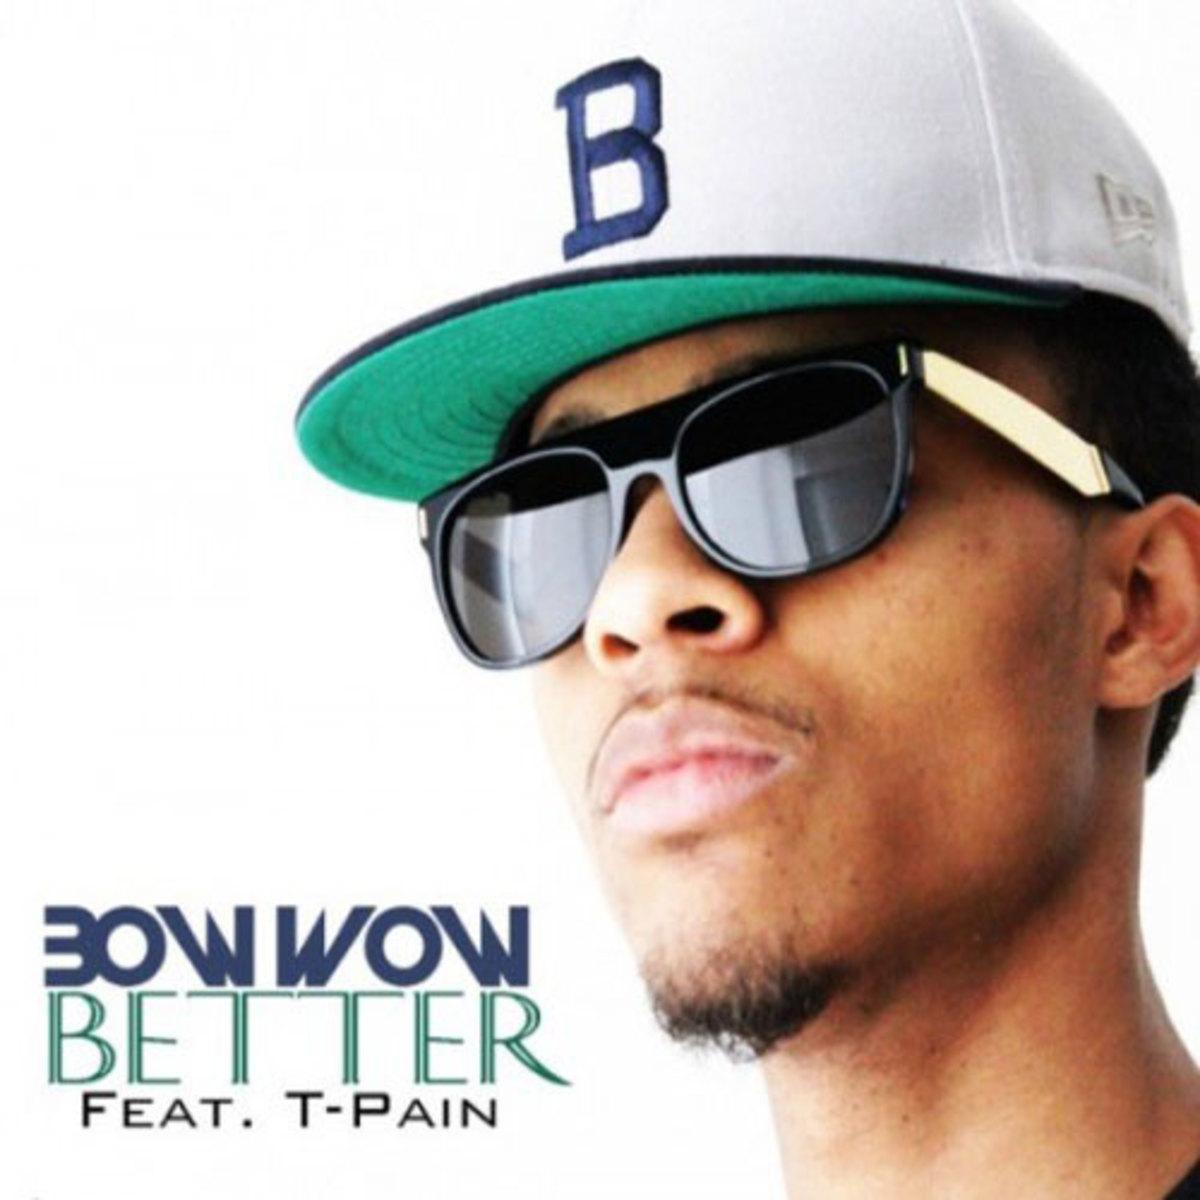 bowwow-better.jpg